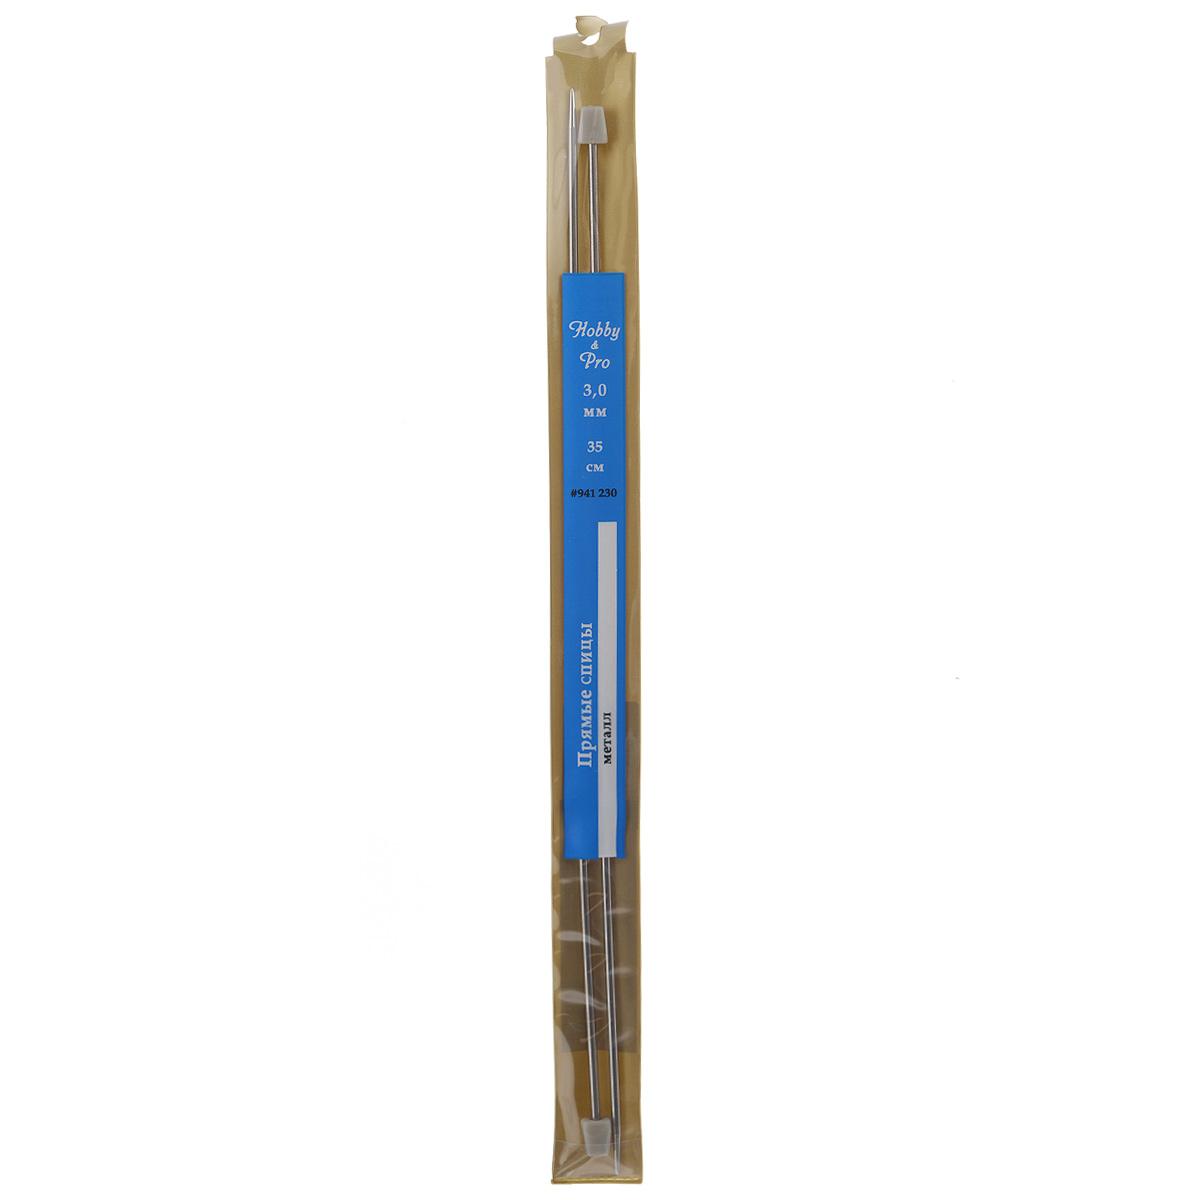 Спицы Hobby & Pro, металлические, прямые, диаметр 3 мм, длина 35 см, 2 шт677216Спицы для вязания Hobby & Pro изготовлены из металла. Спицы прочные, легкие, гладкие, удобные в использовании. Пластиковые ограничители препятствуют соскальзыванию петель. Металлические спицы предназначены для вязания шапочек, варежек, носков и других вещей. Вы сможете вязать для себя и делать подарки друзьям. Рукоделие всегда считалось изысканным, благородным делом. Работа, сделанная своими руками, долго будет радовать вас и ваших близких.